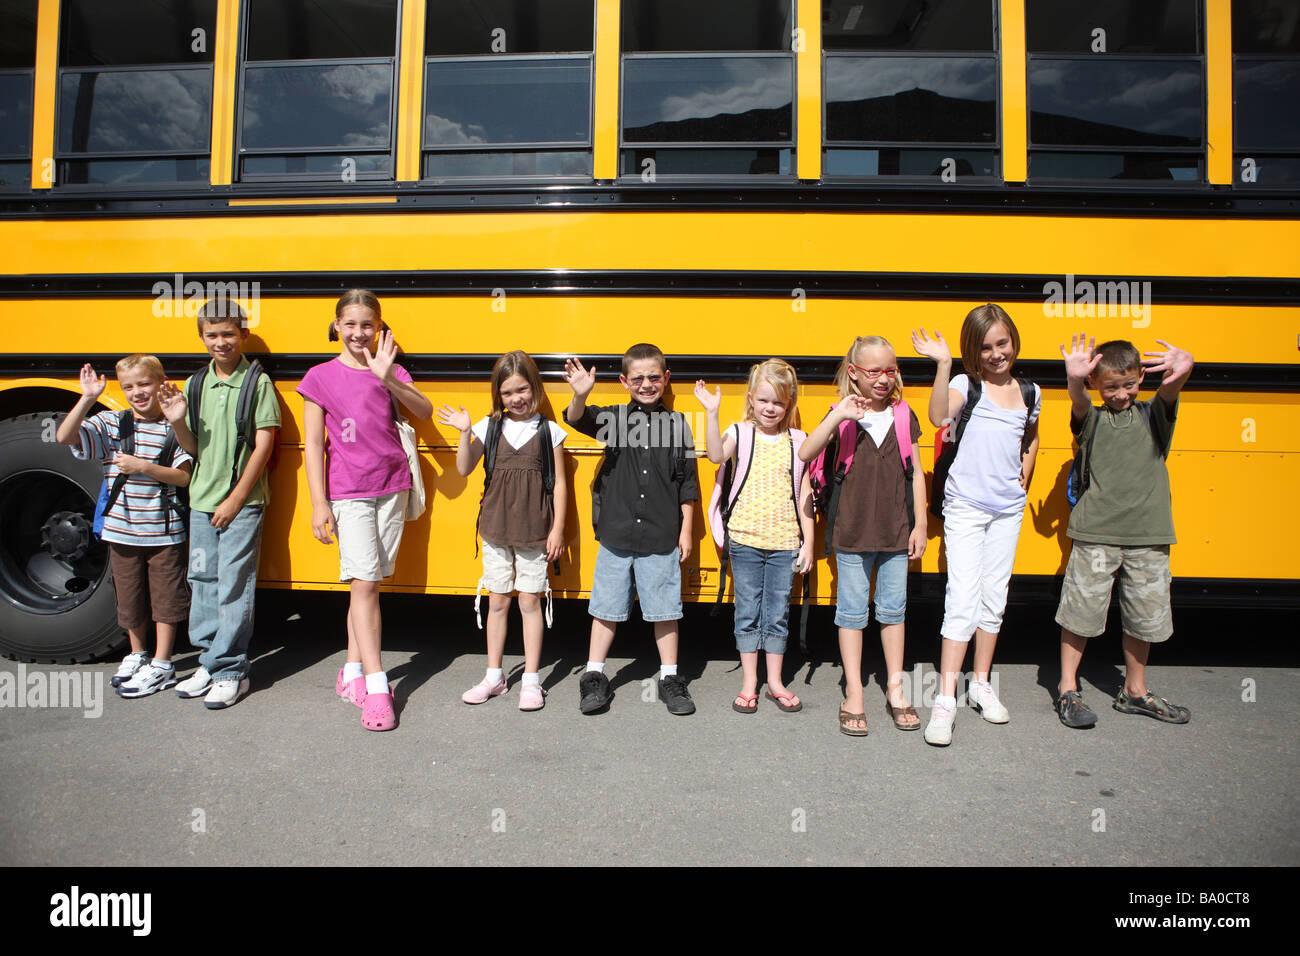 Gruppe von Schulkindern vor Schulbus Stockbild